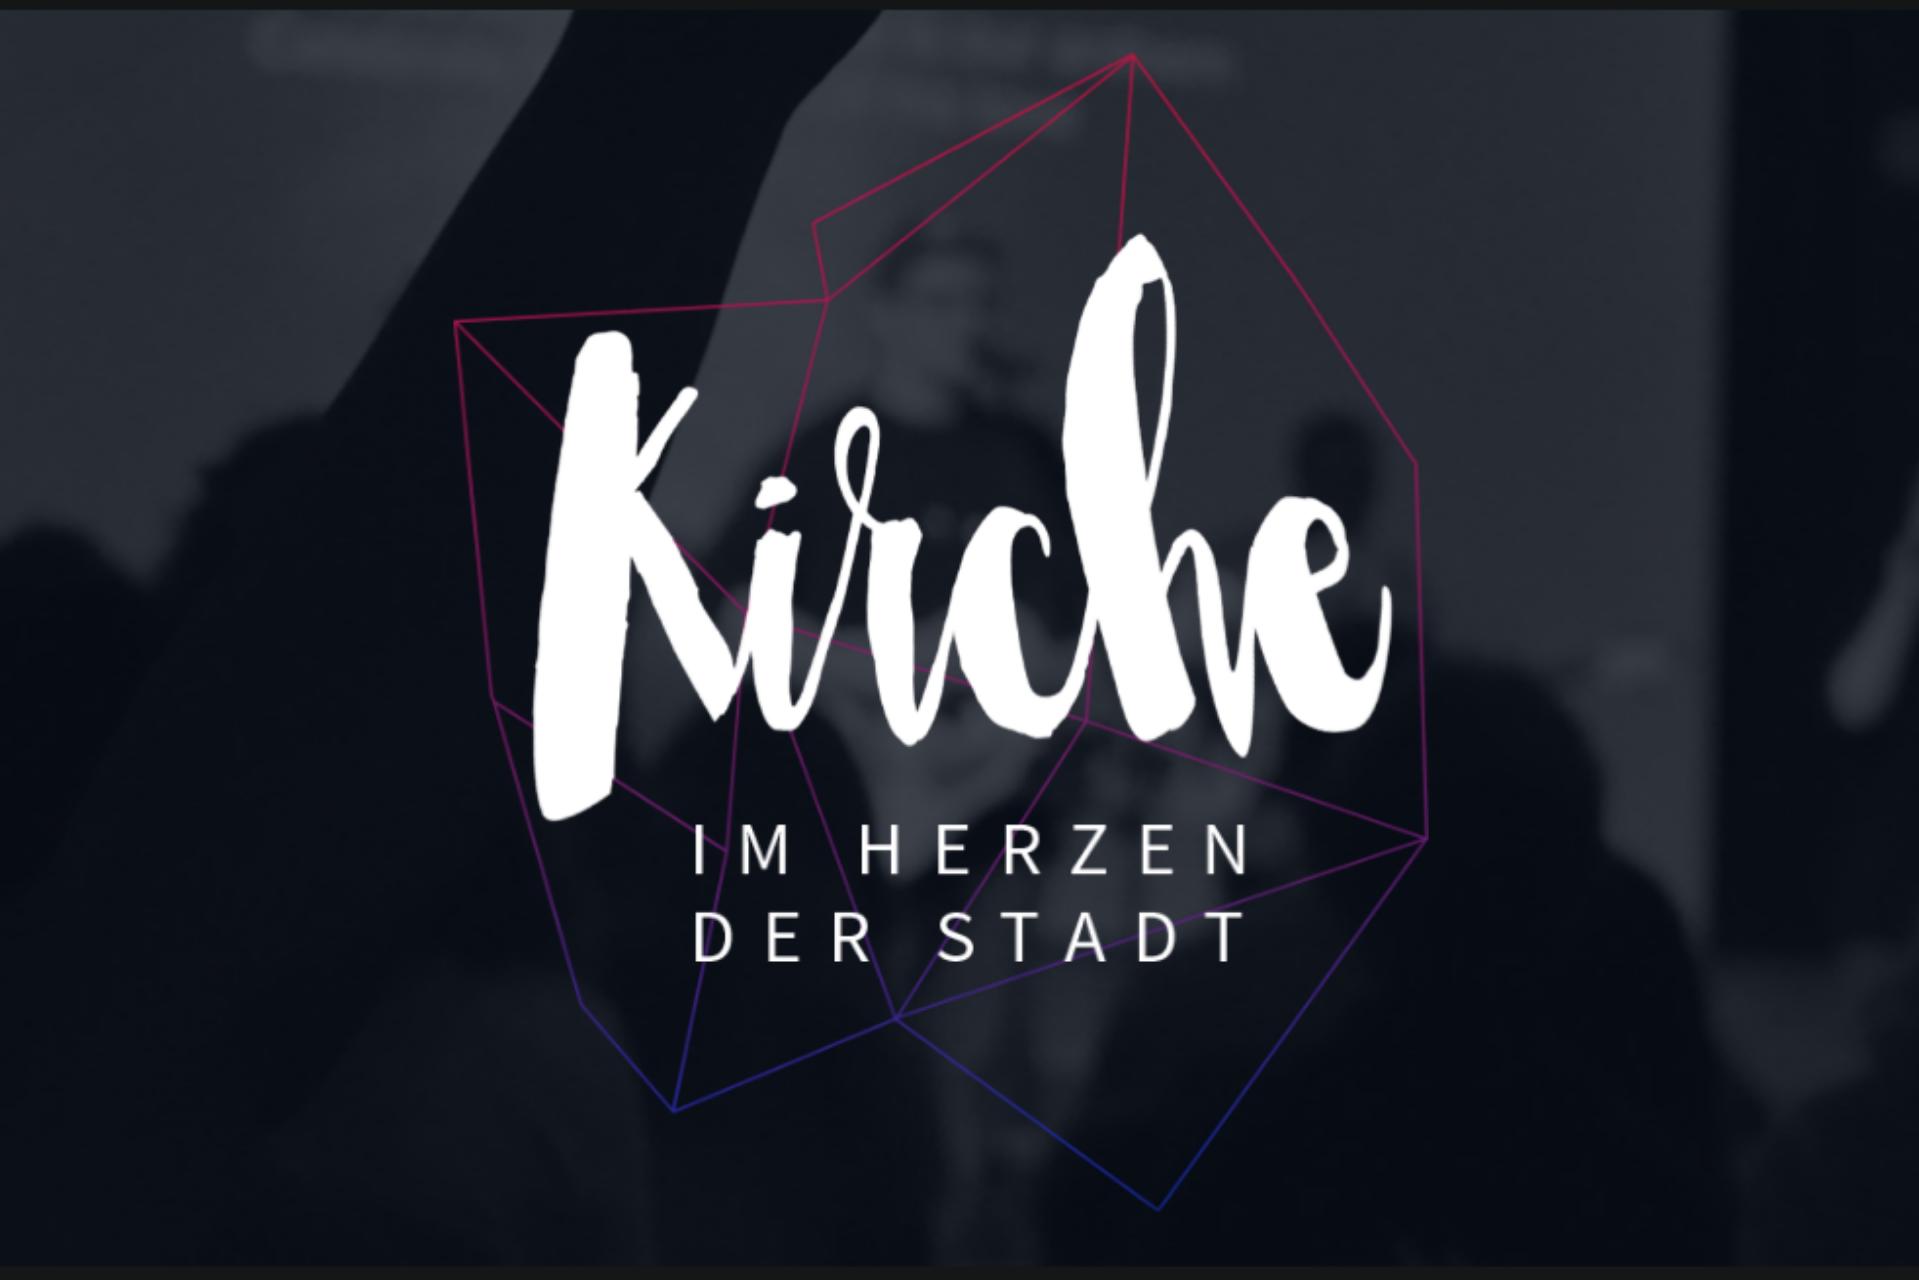 Gemeinde Titelbild / Logo